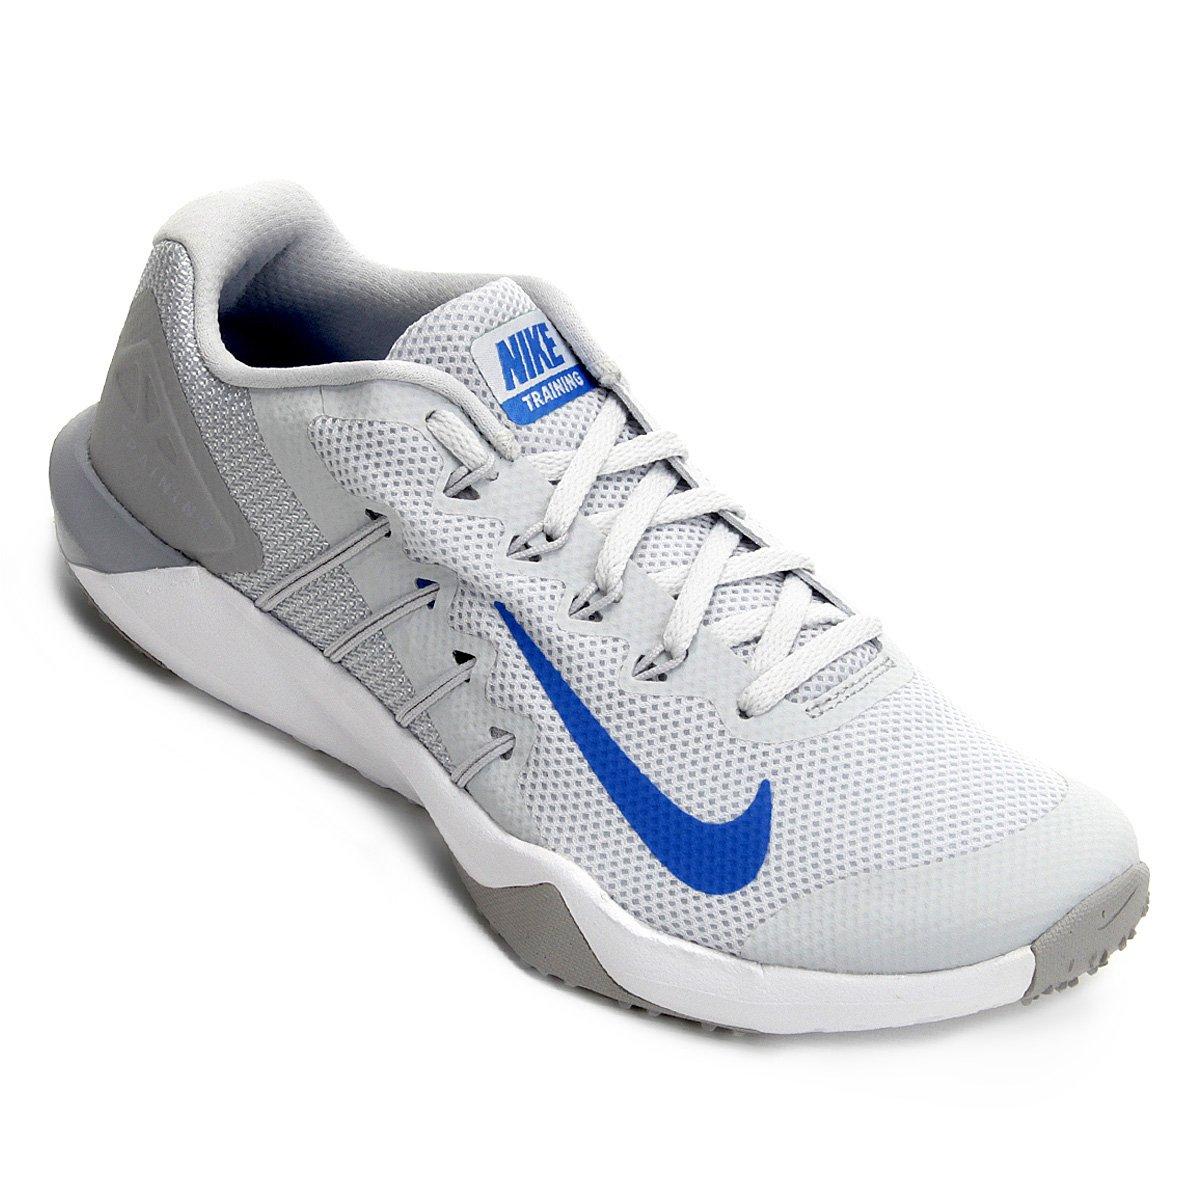 bc8029f018c Tênis Nike Retaliation Tr 2 Masculino - Prata e Azul - Compre Agora ...